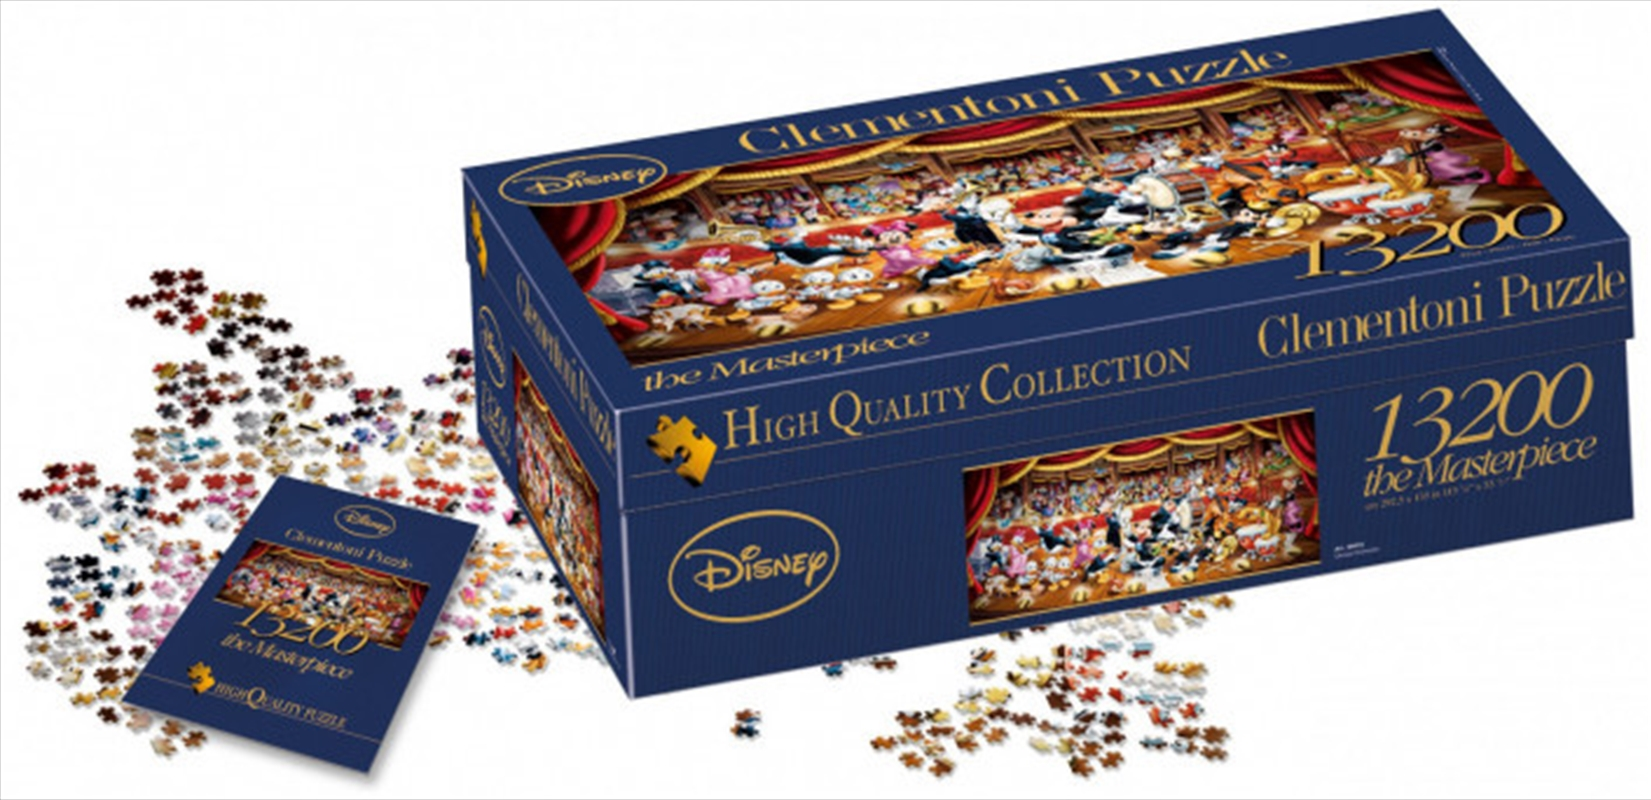 Clementoni Disney Puzzle Disney Orchestra 13200 Pieces | Merchandise